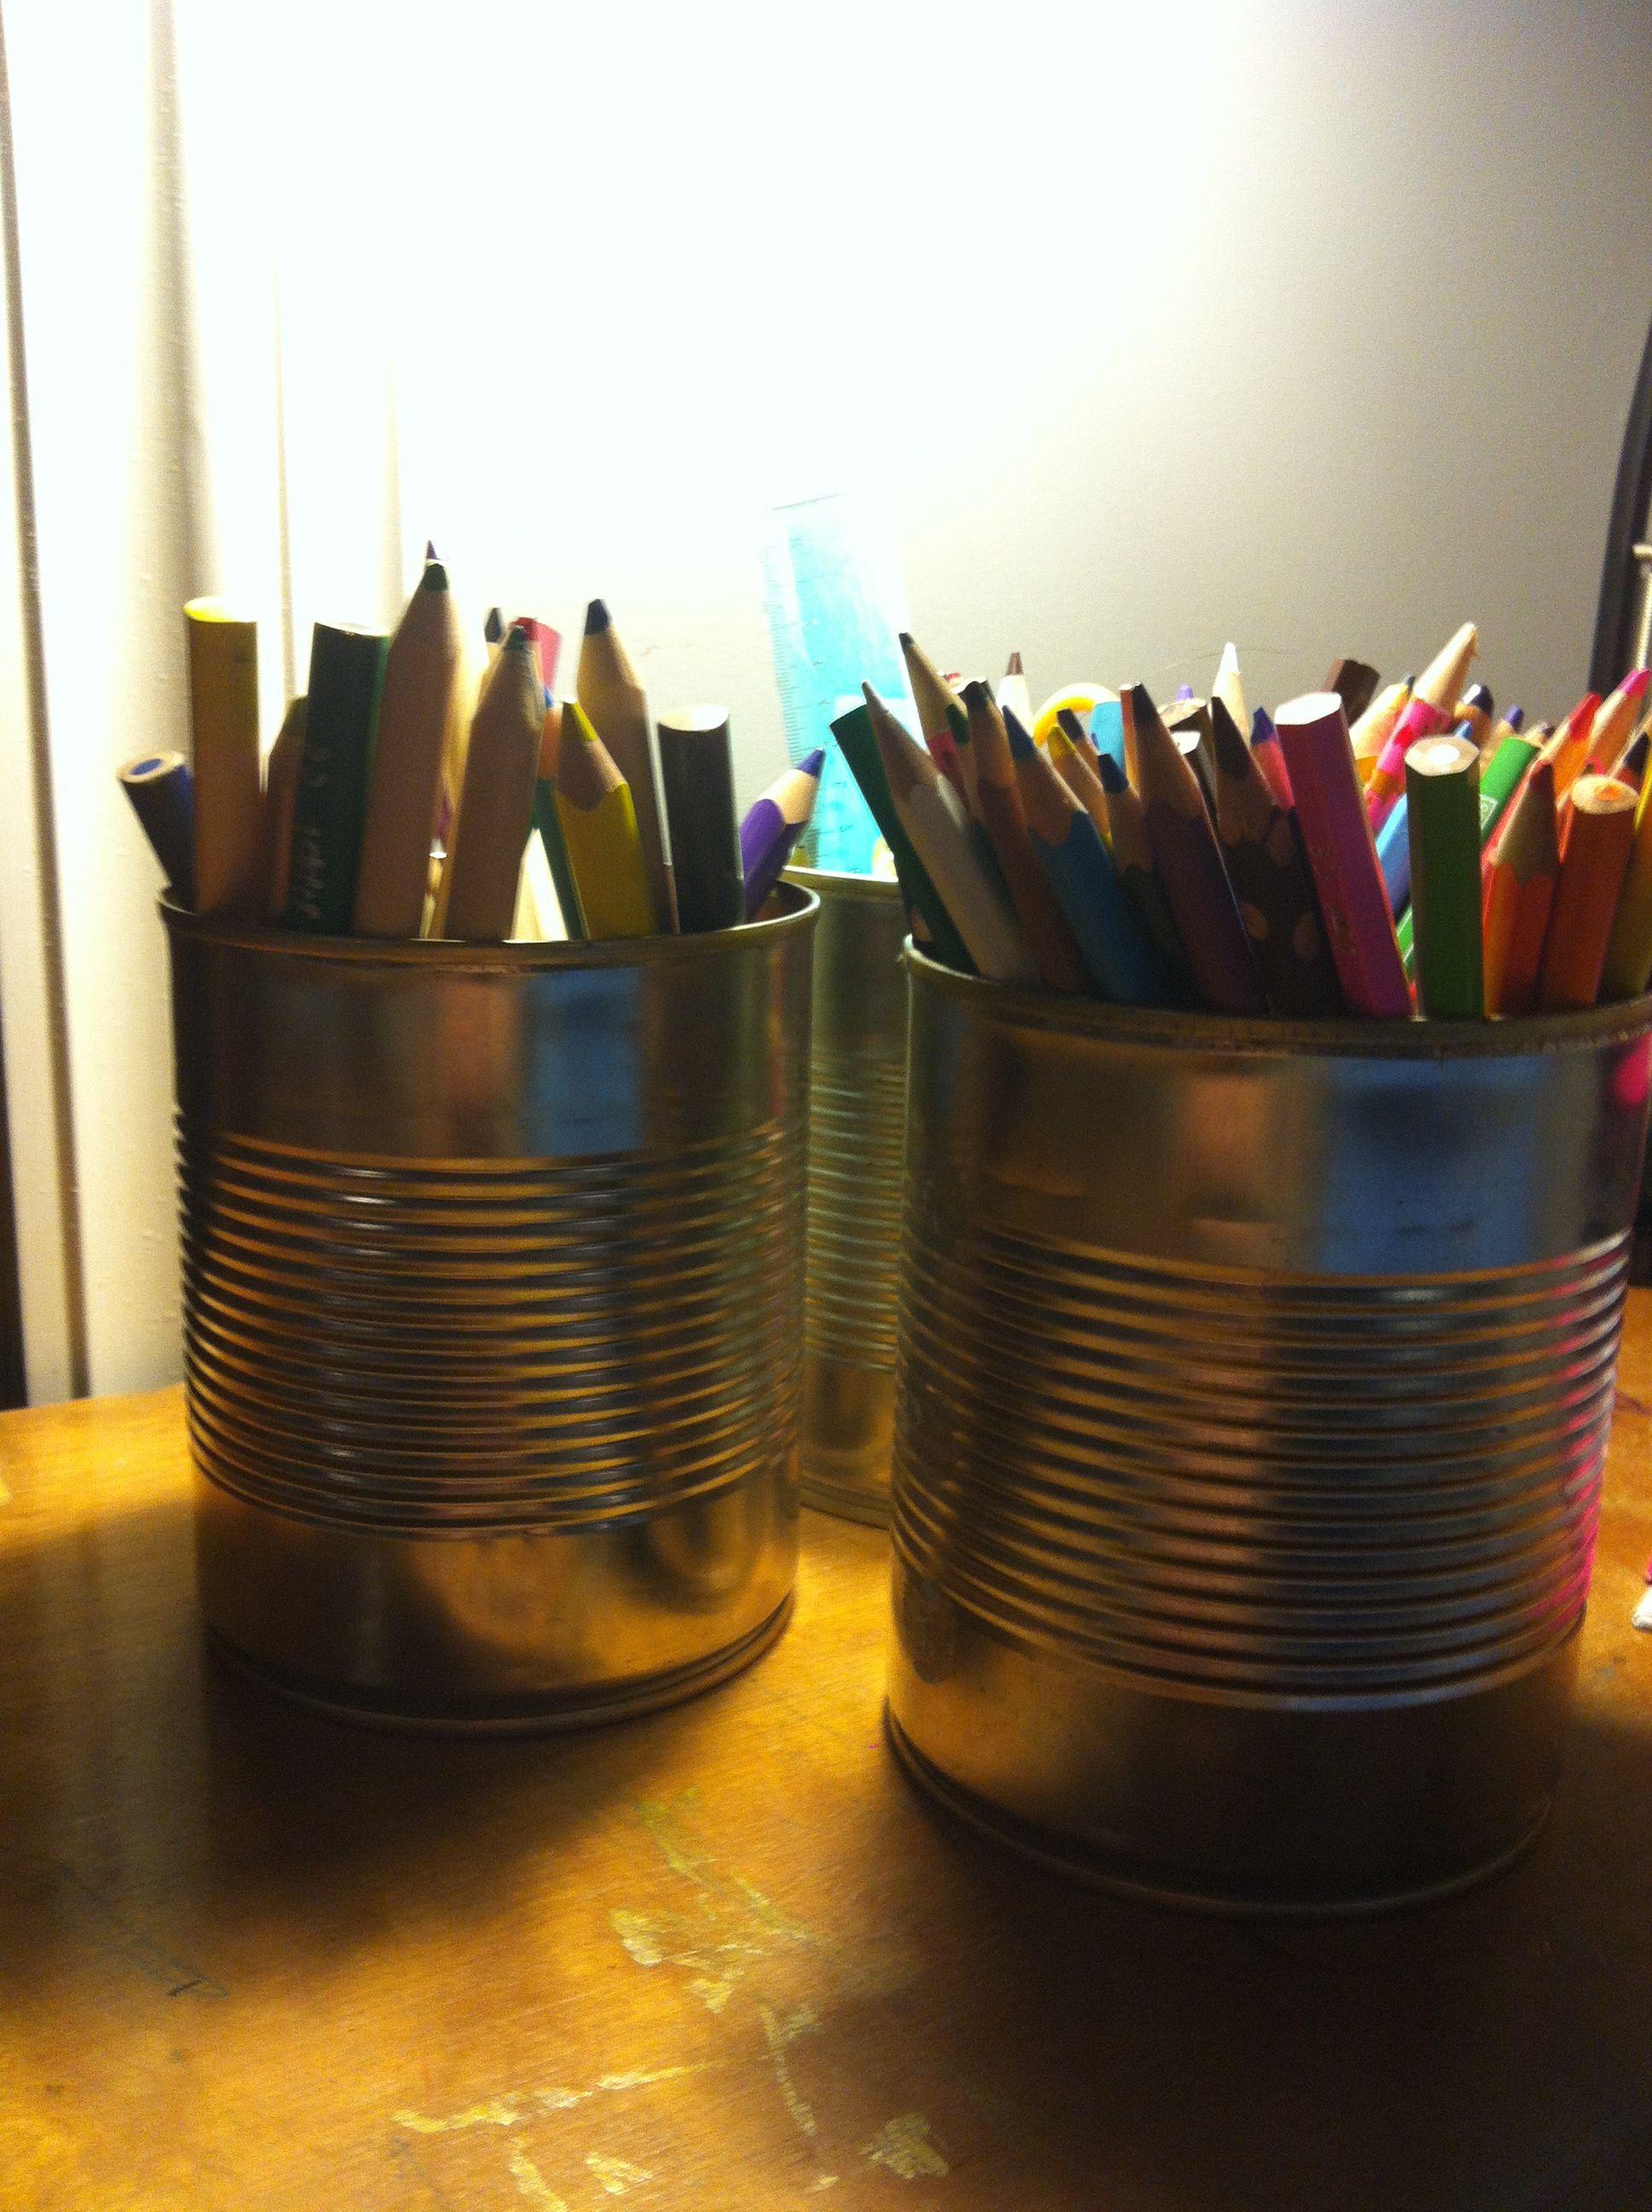 Hermetikkbokser til oppbevaring av fargeblyanter